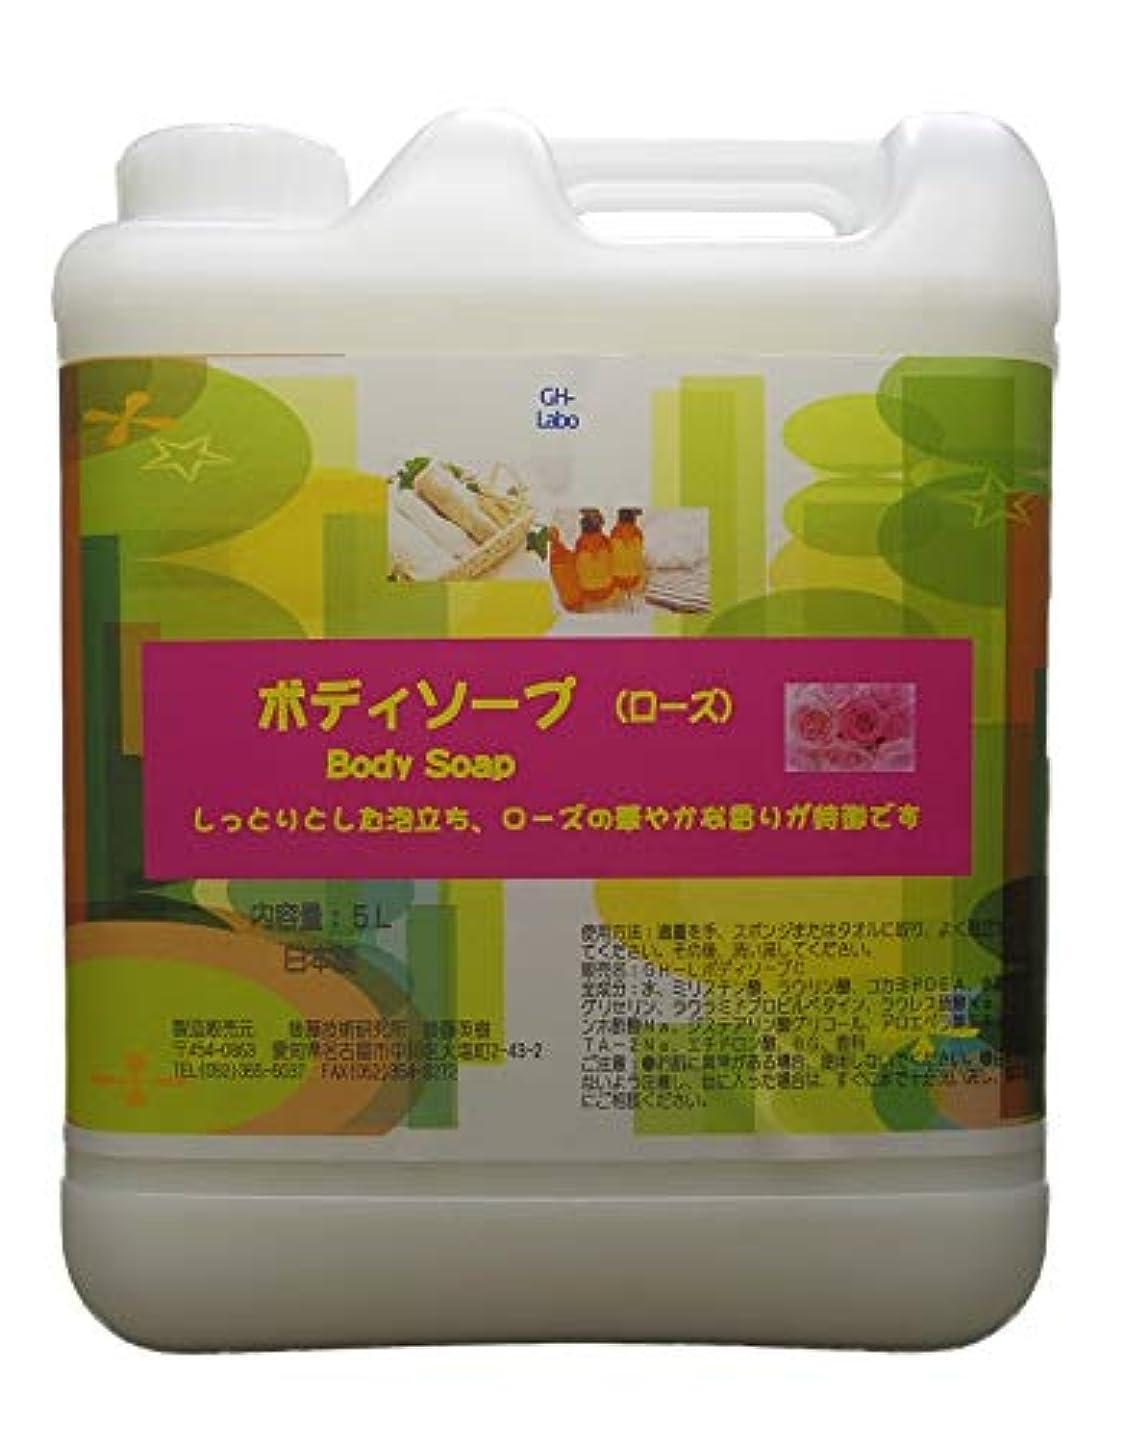 虚栄心泣く加速度GH-Labo 業務用ボディソープ ローズの香り 5L